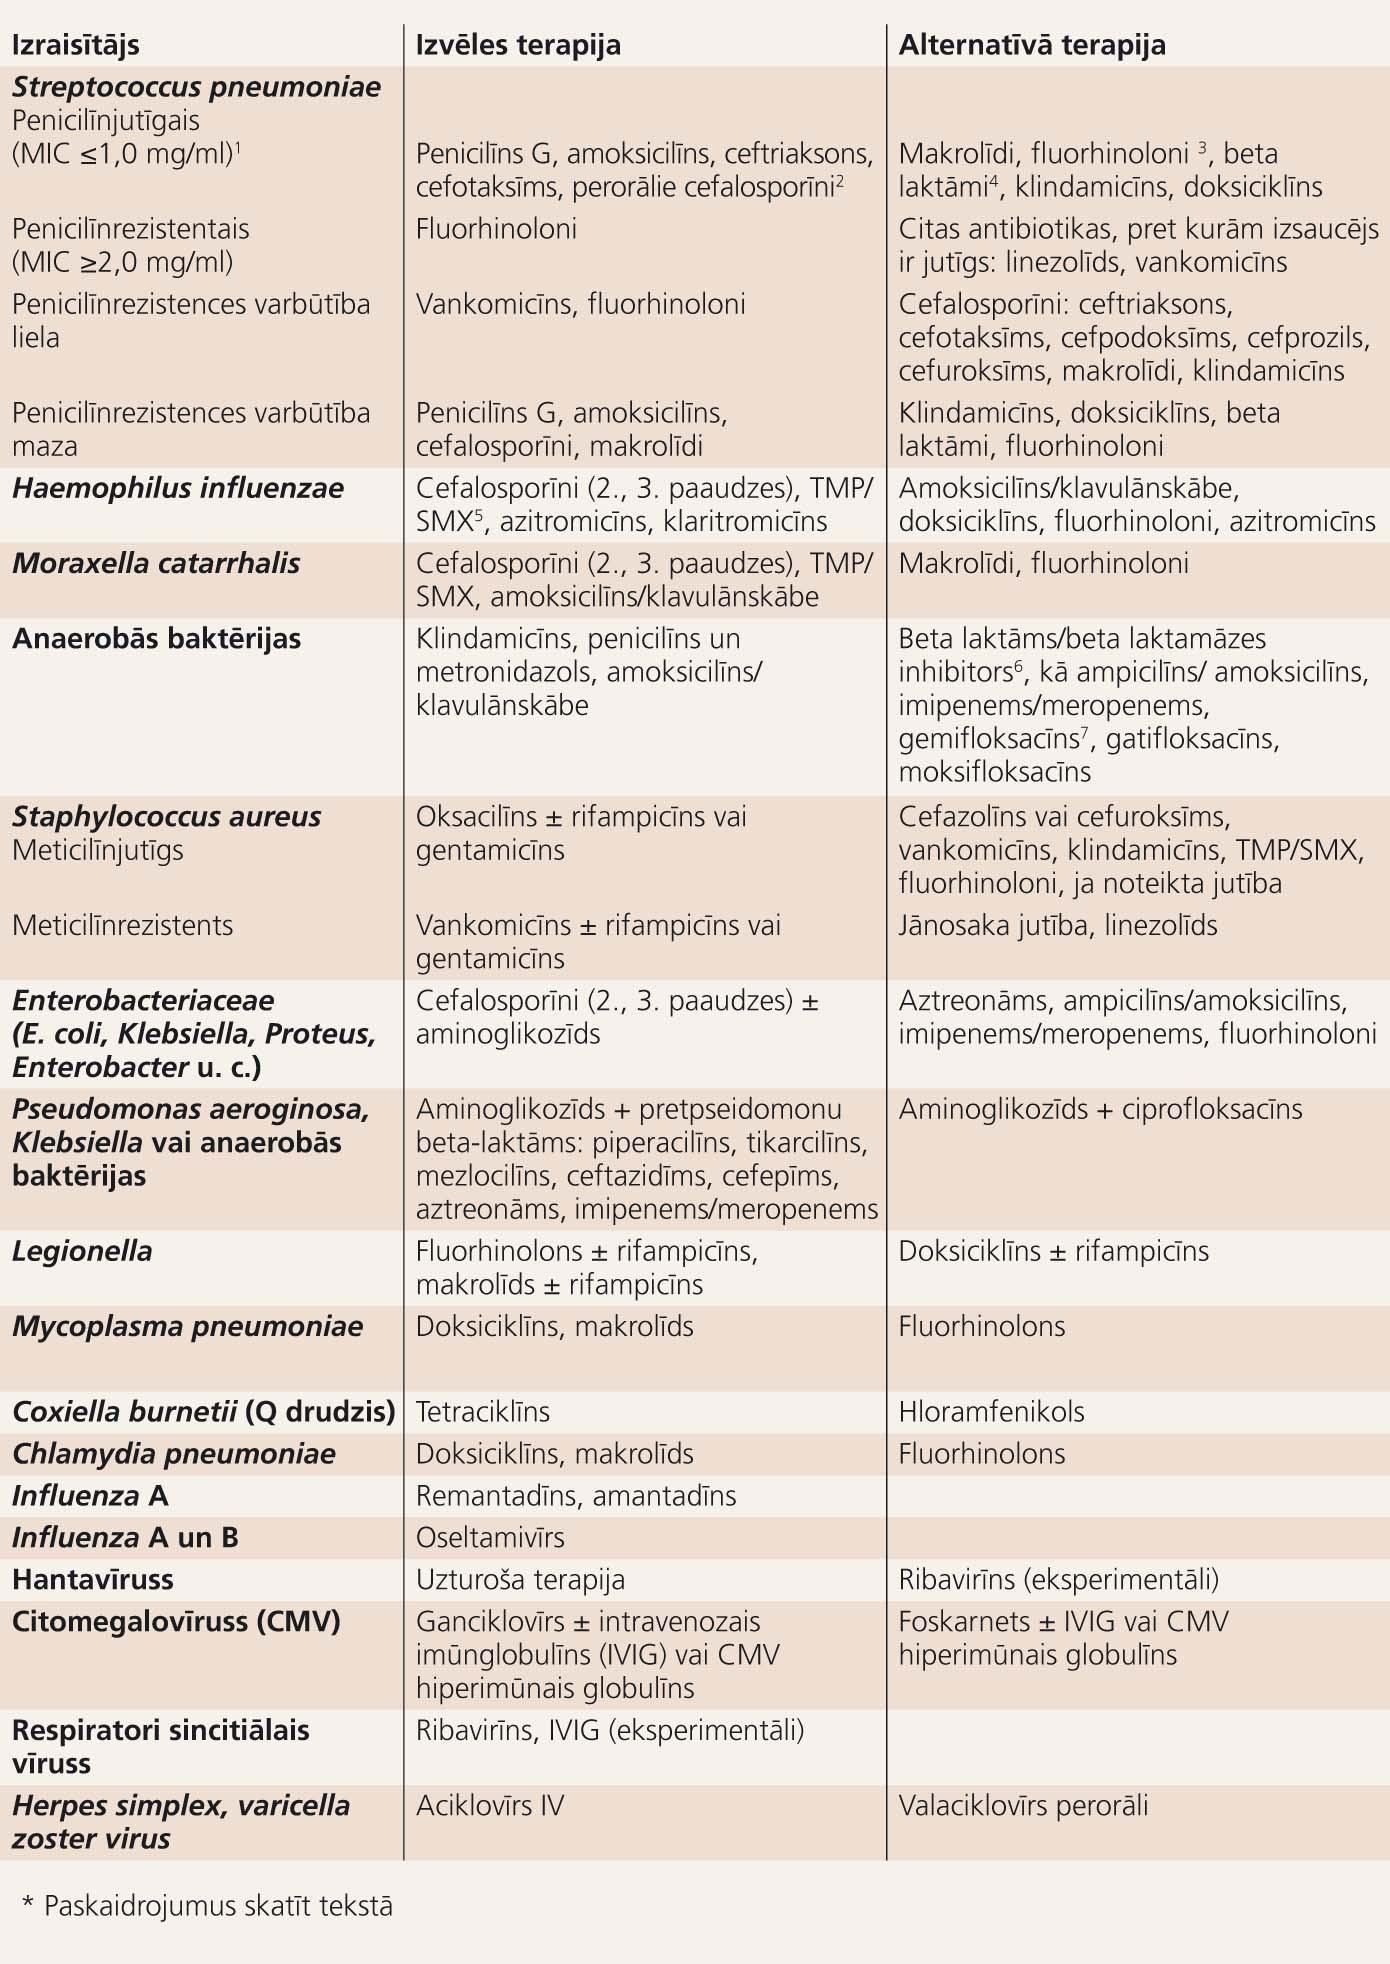 Sadzīvē iegūtās pneimonijas (SIP) antimikrobiskā terapija pieaugušajiem, ja izraisītājs ir zināms (IDSA un ATS 2006. gada rekomendācijas)*